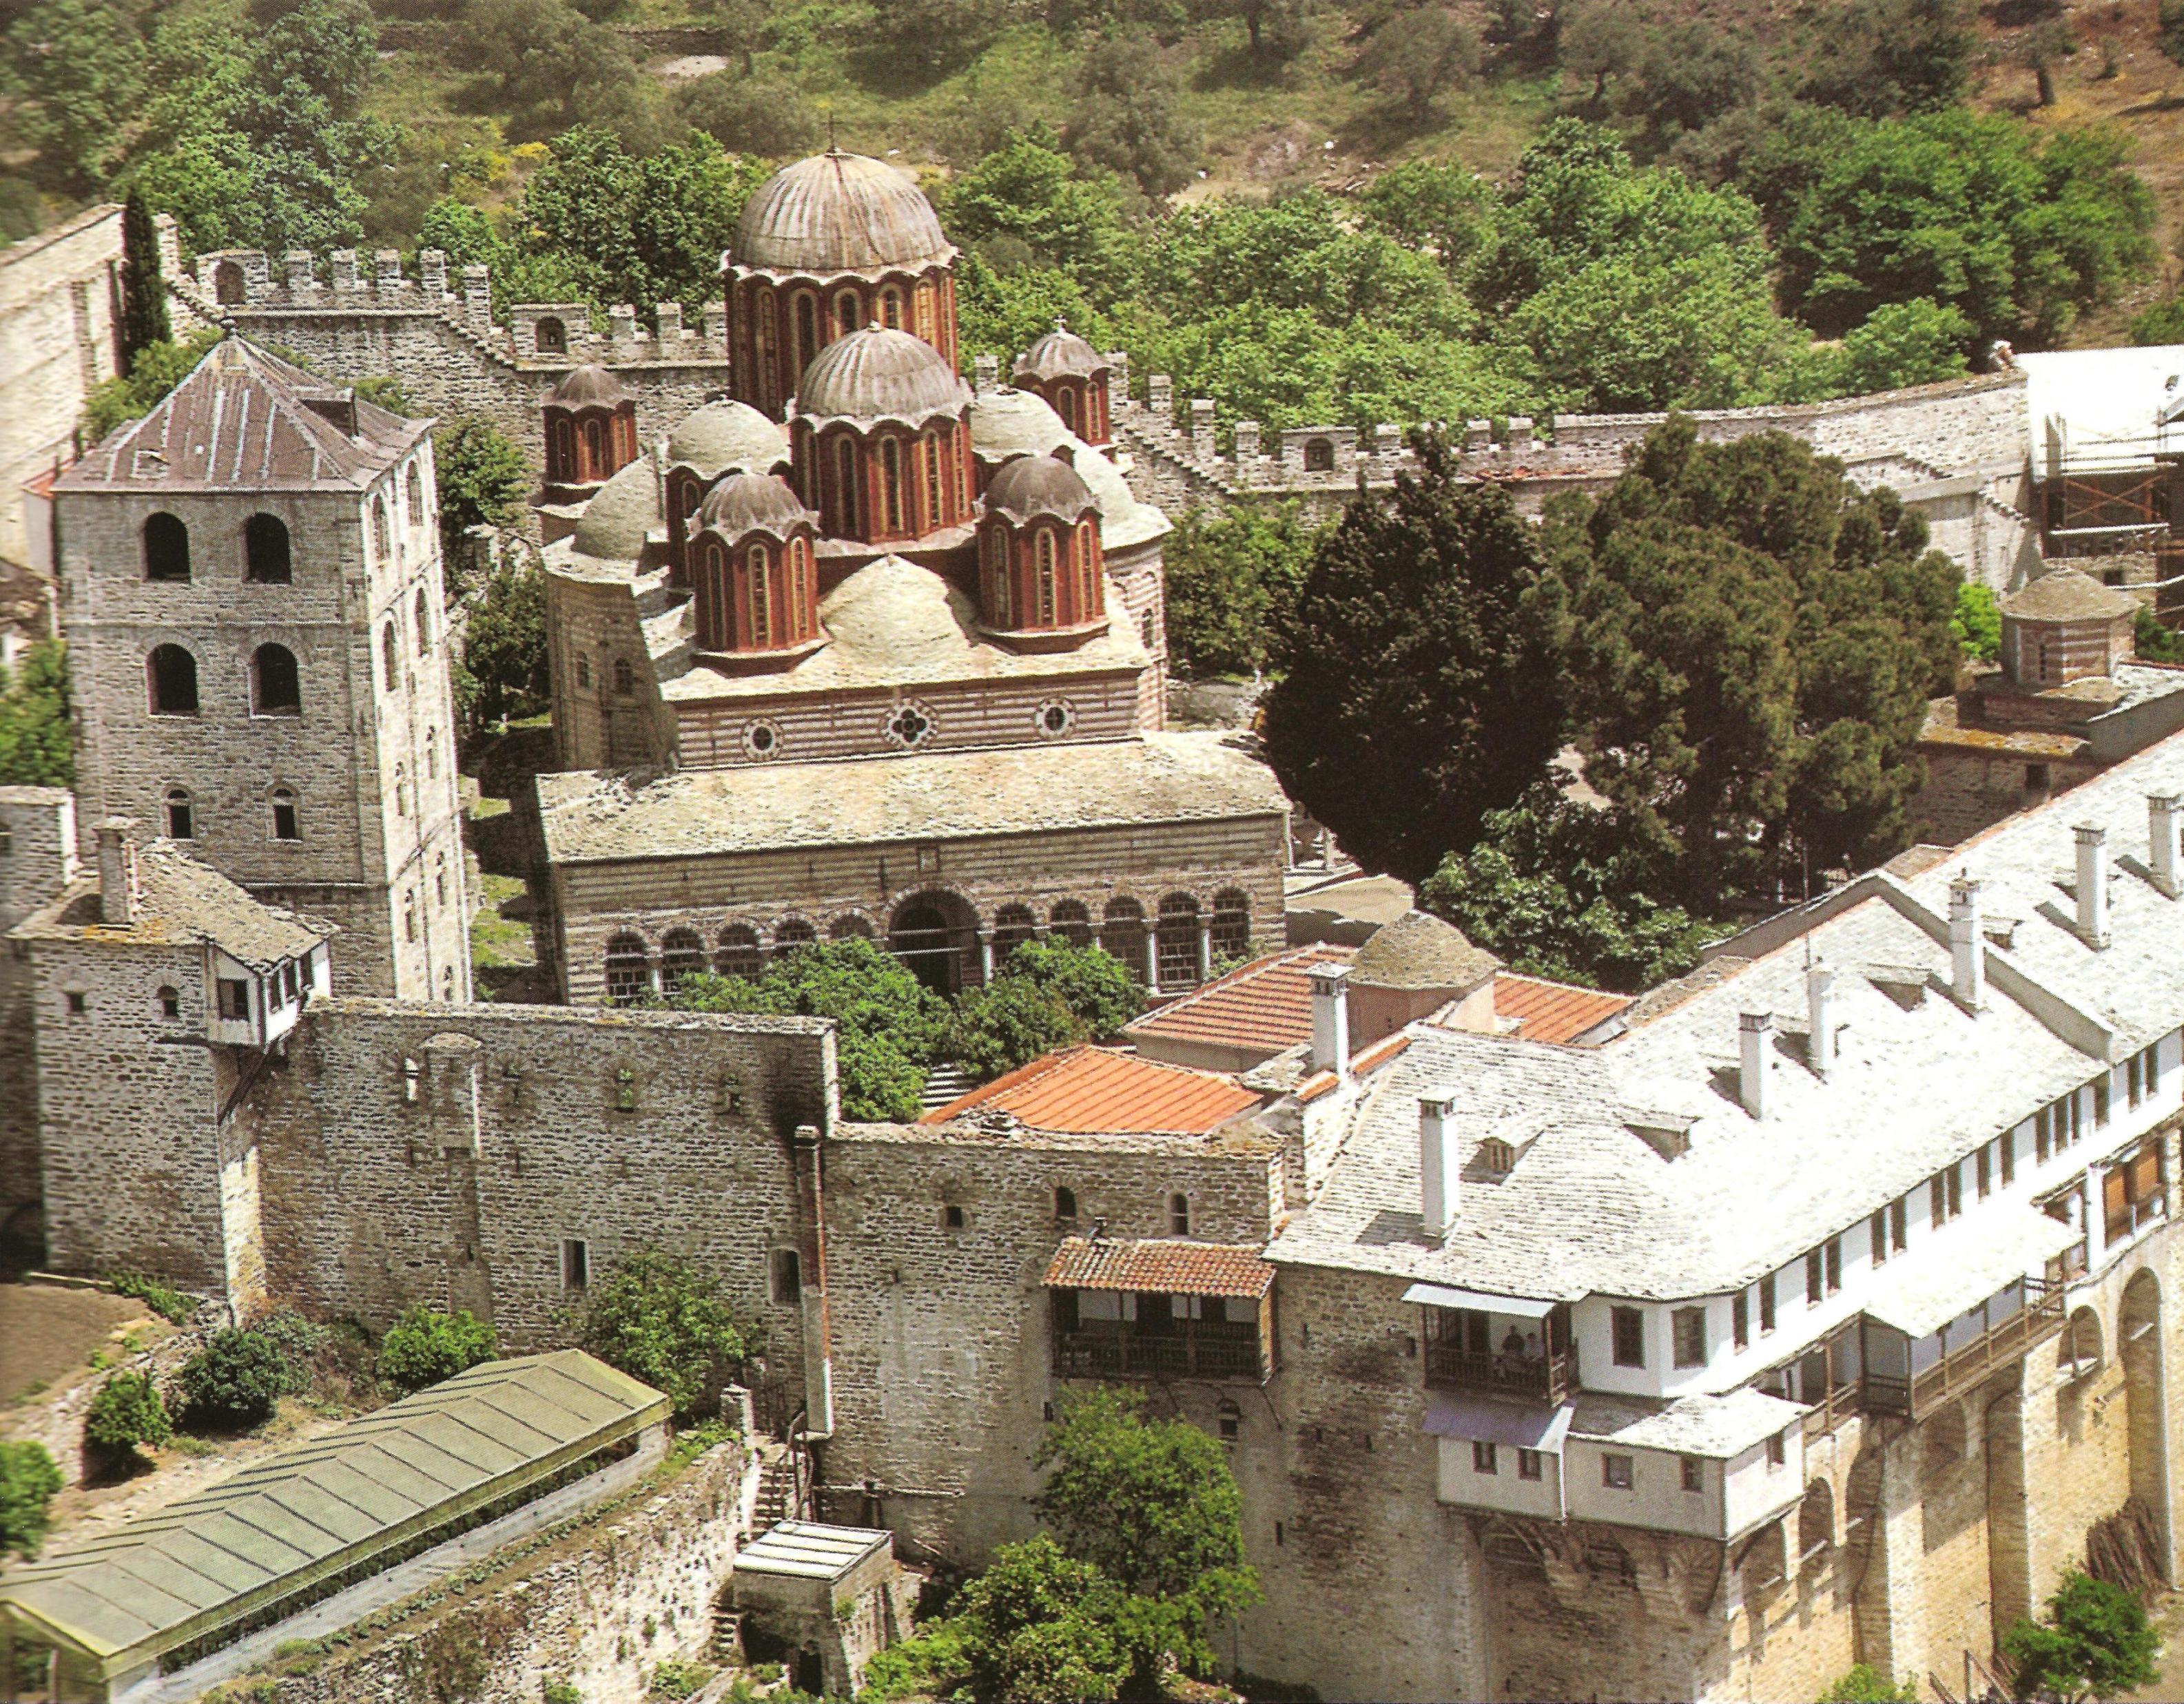 Η επάκταση των αρχών του 19ου αι. με το νέο καθολικό και το κωδωνοστάσιο. The 19th century extension, with the new katholikon and the bell-tower.